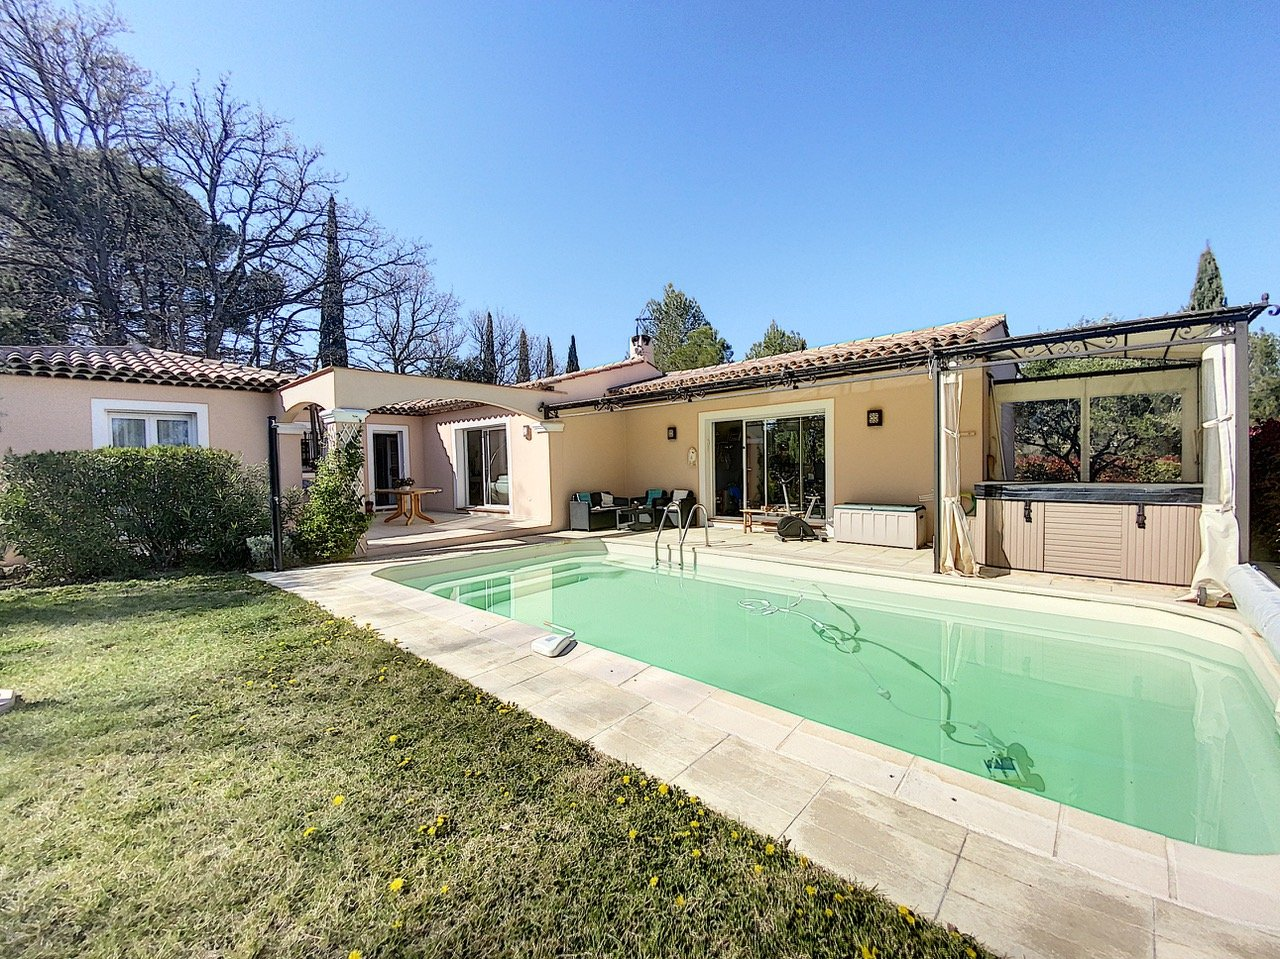 Rustig gelegen gelijkvloerse villa met zwembad in perfecte staat,